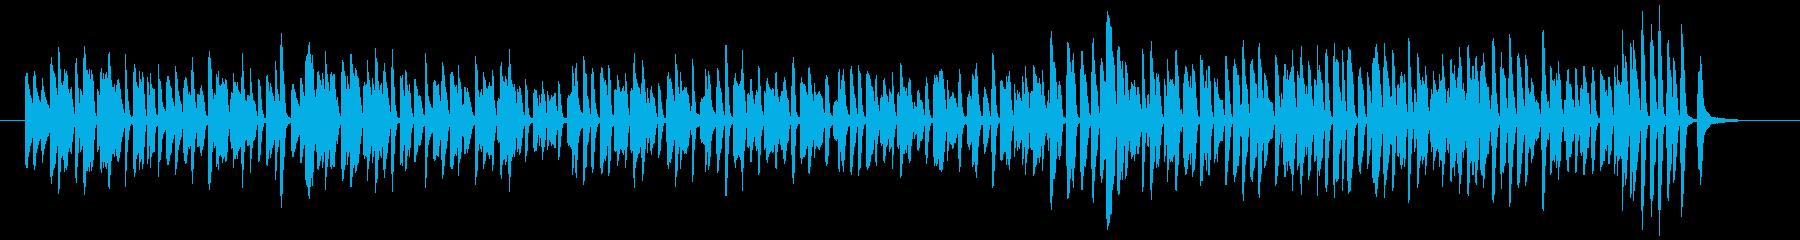 お洒落なジャズ風のピアノ曲です。の再生済みの波形